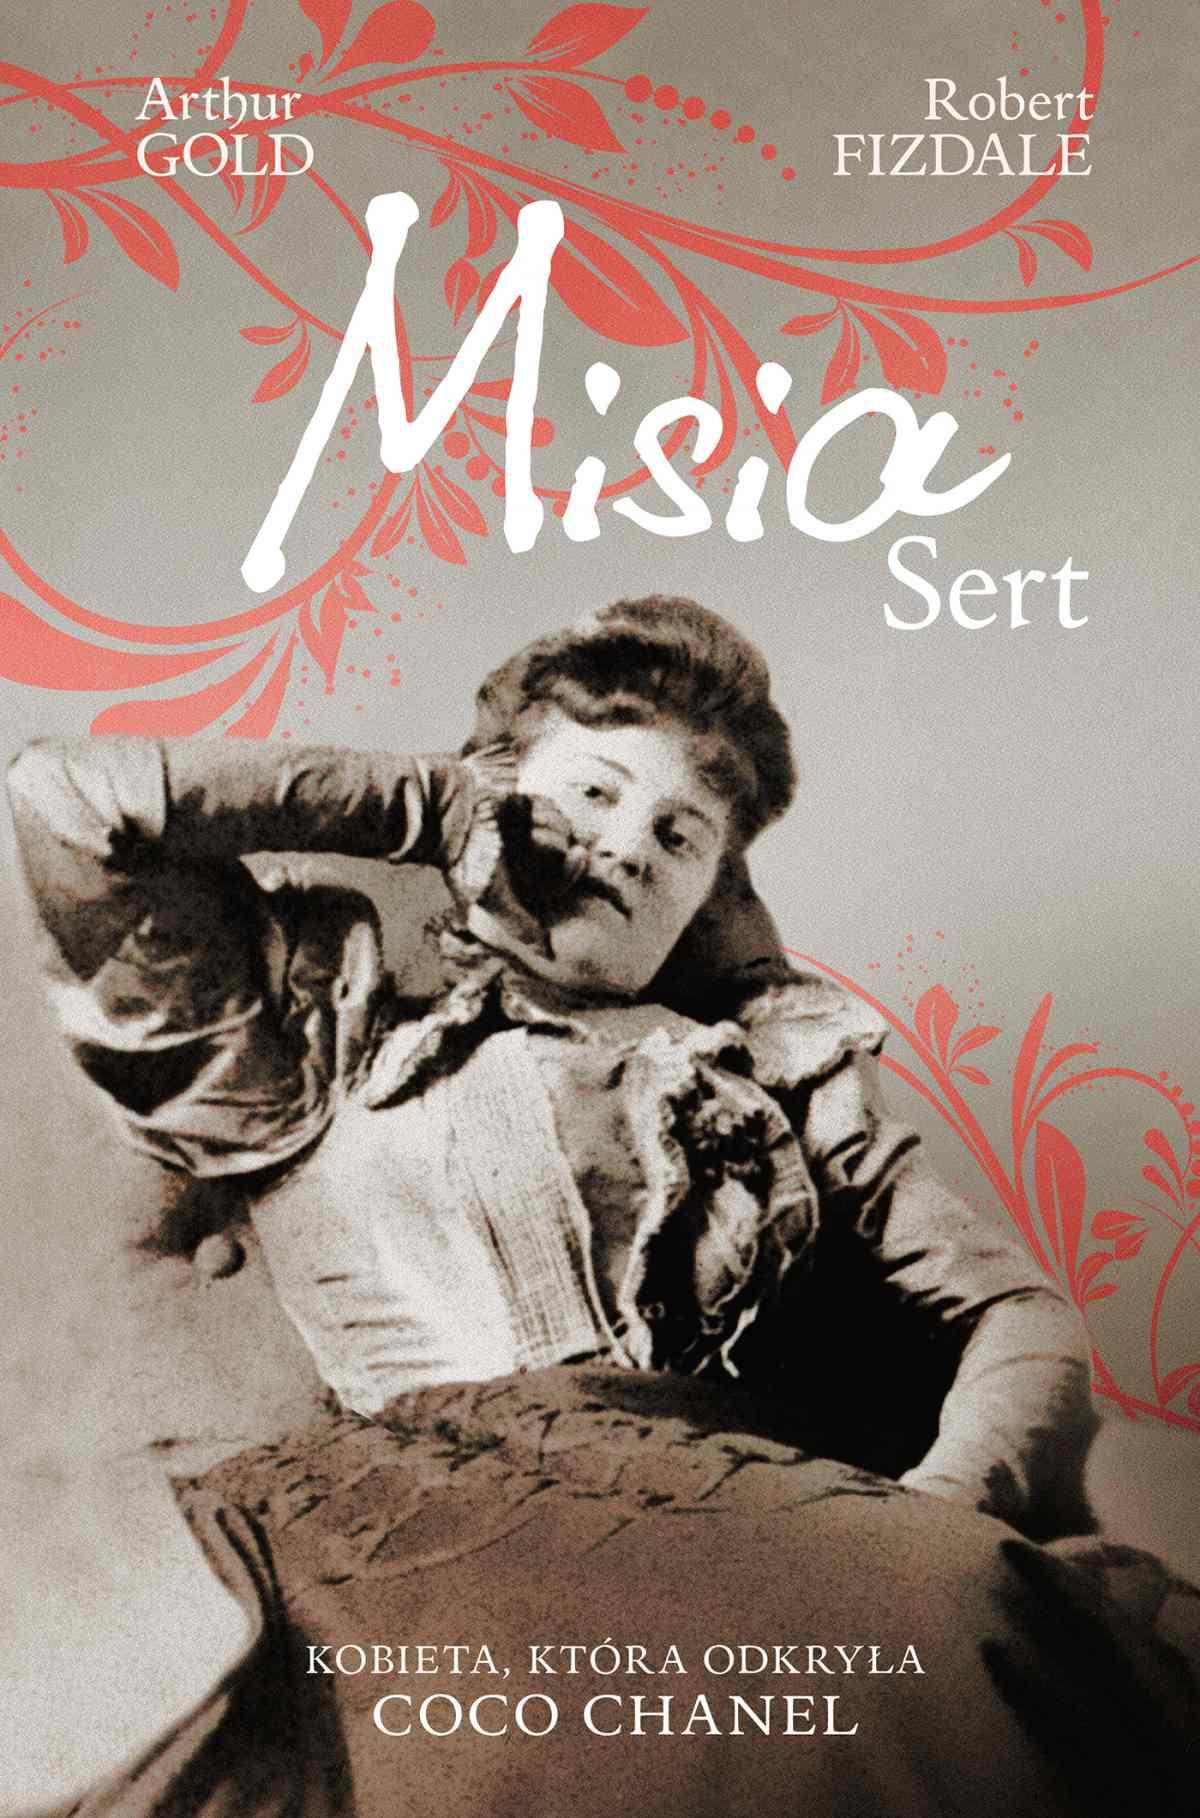 Misia Sert. Kobieta, która odkryła Coco Chanel - Ebook (Książka EPUB) do pobrania w formacie EPUB